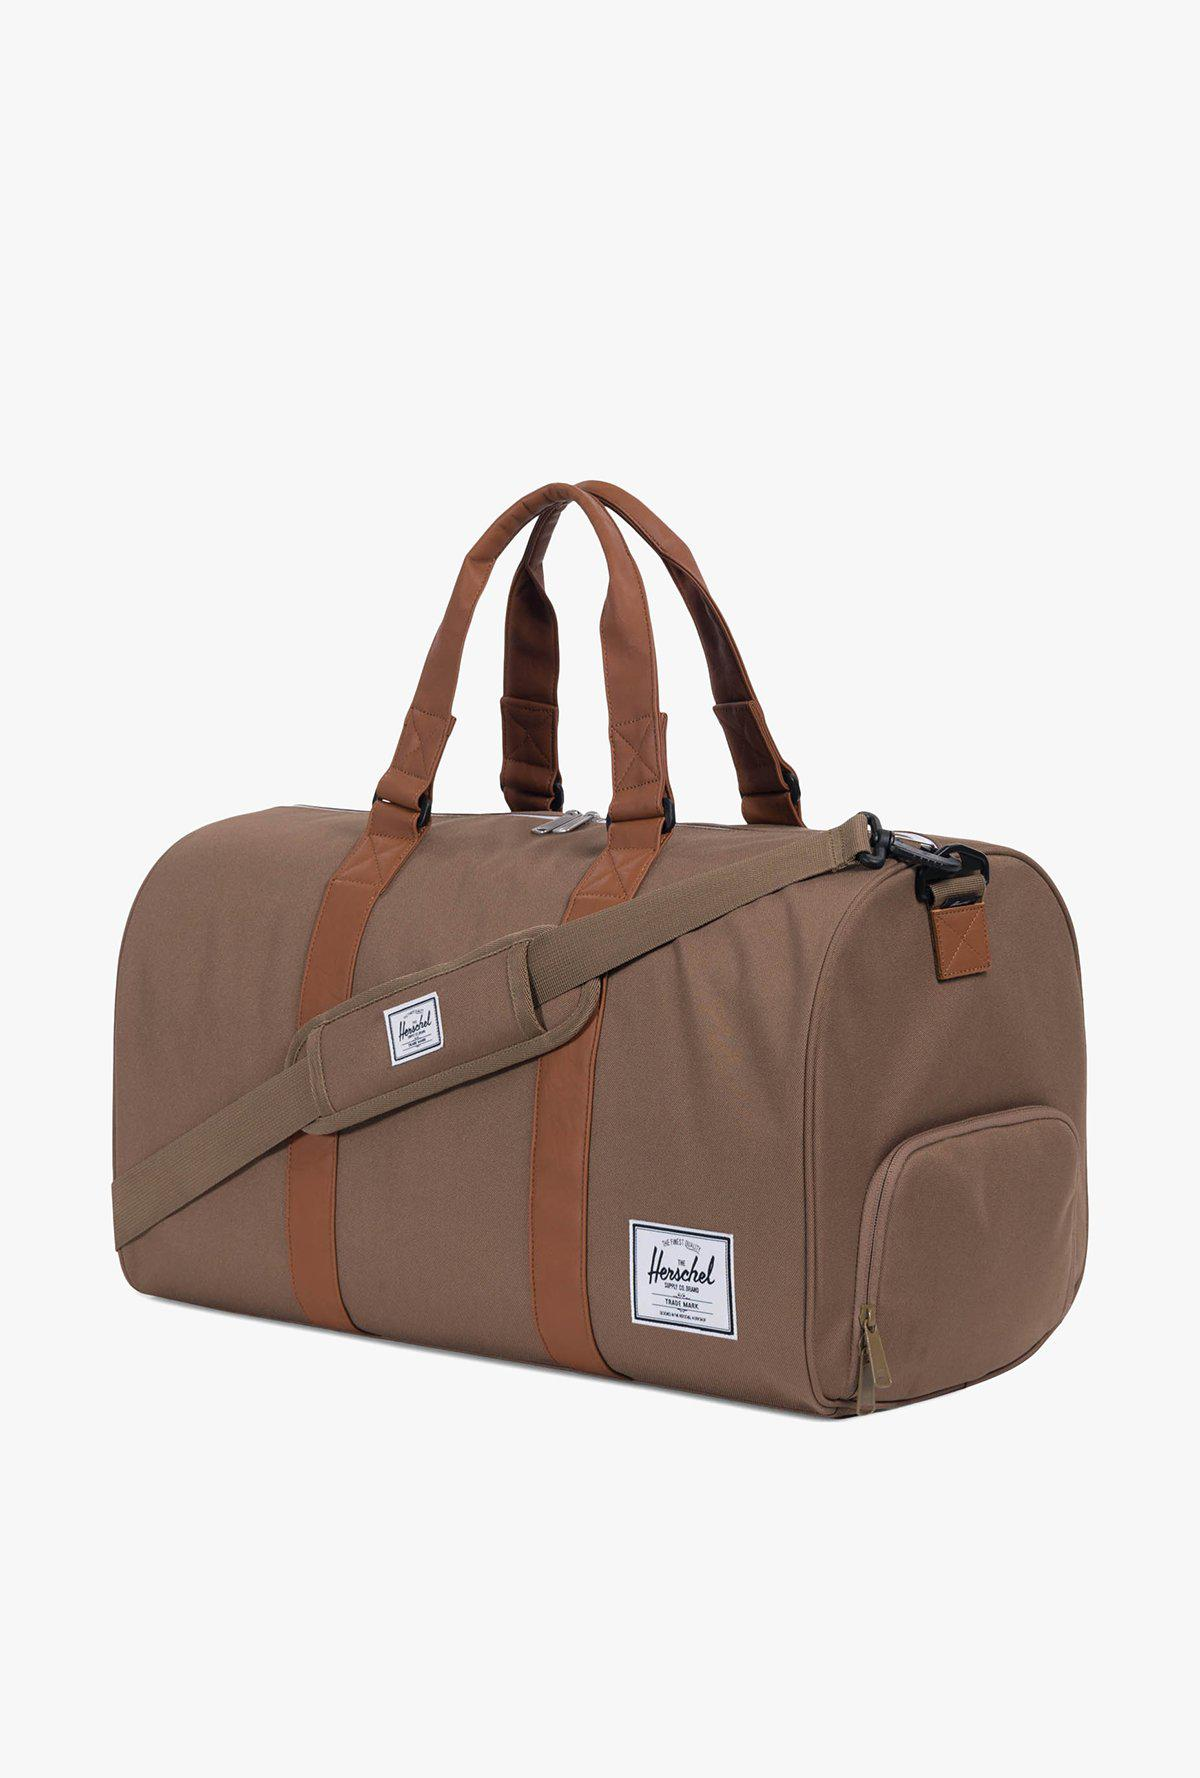 ee3d6c8d31 Lyst - Herschel Supply Co. Novel Duffel Bag in Brown for Men